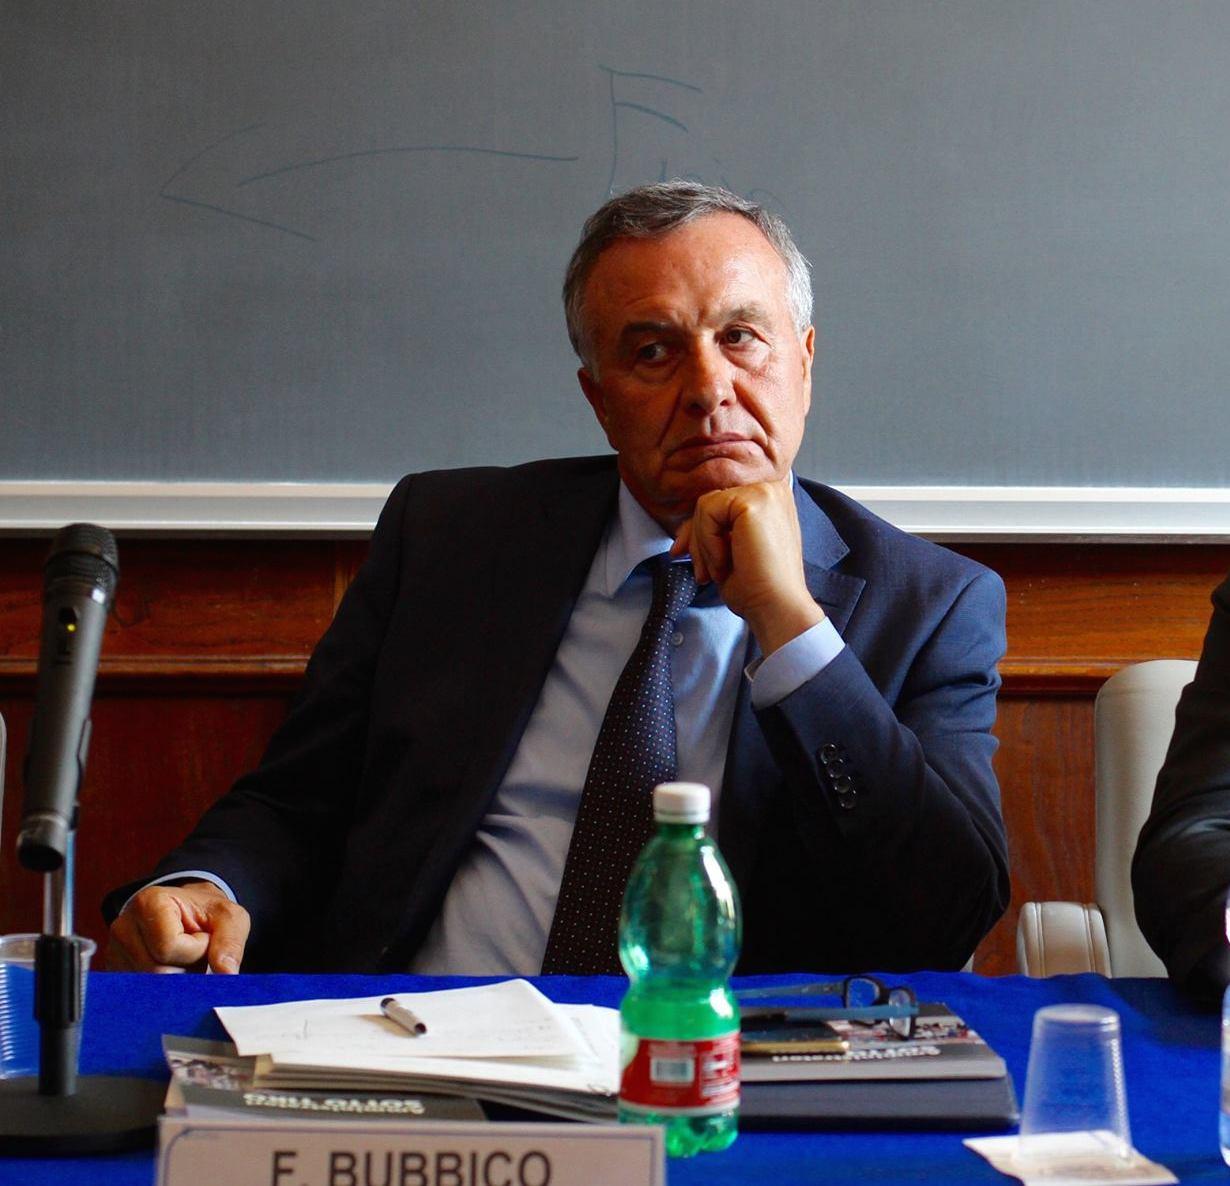 Inchiesta sanità, il Riesame: «Sistema di spartizioni partitocratiche, quadro degradato a livello culturale»